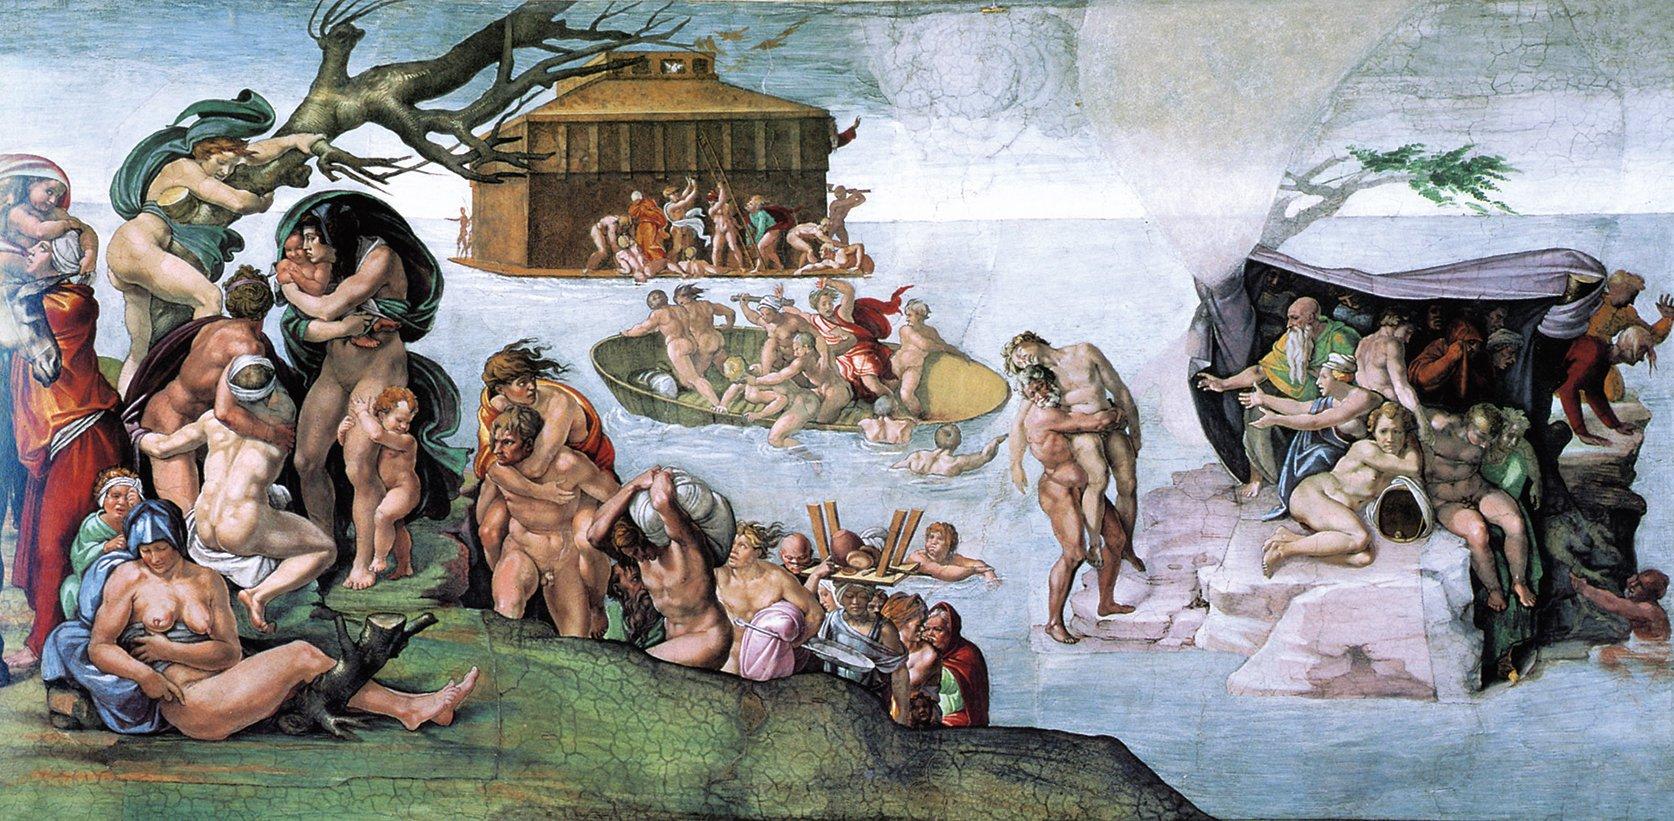 米開朗基羅的作品《大洪水》局部圖,繪於梵蒂岡的西絲汀教堂。(公有領域)